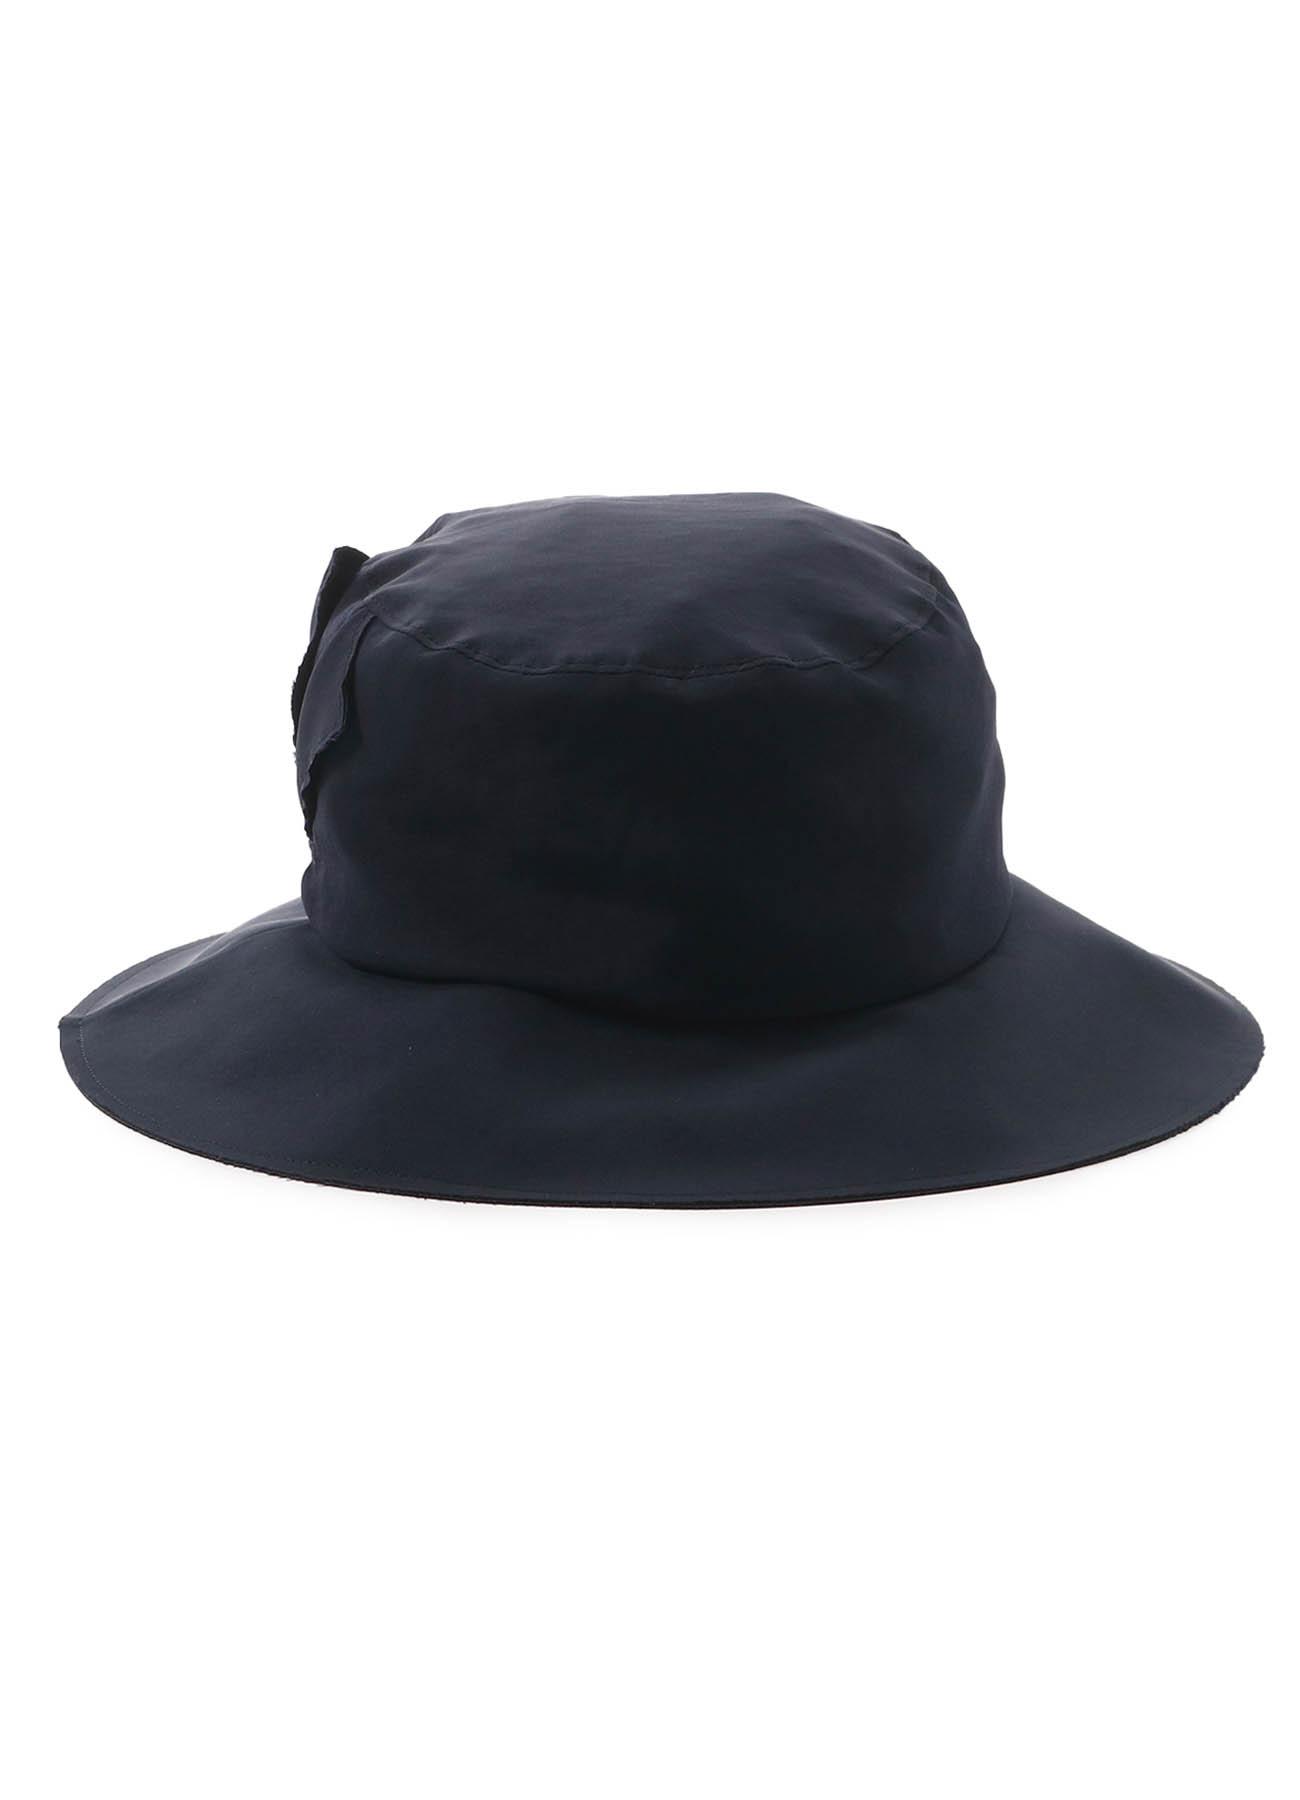 Ta/Pe de CHINE CUTTING HAT